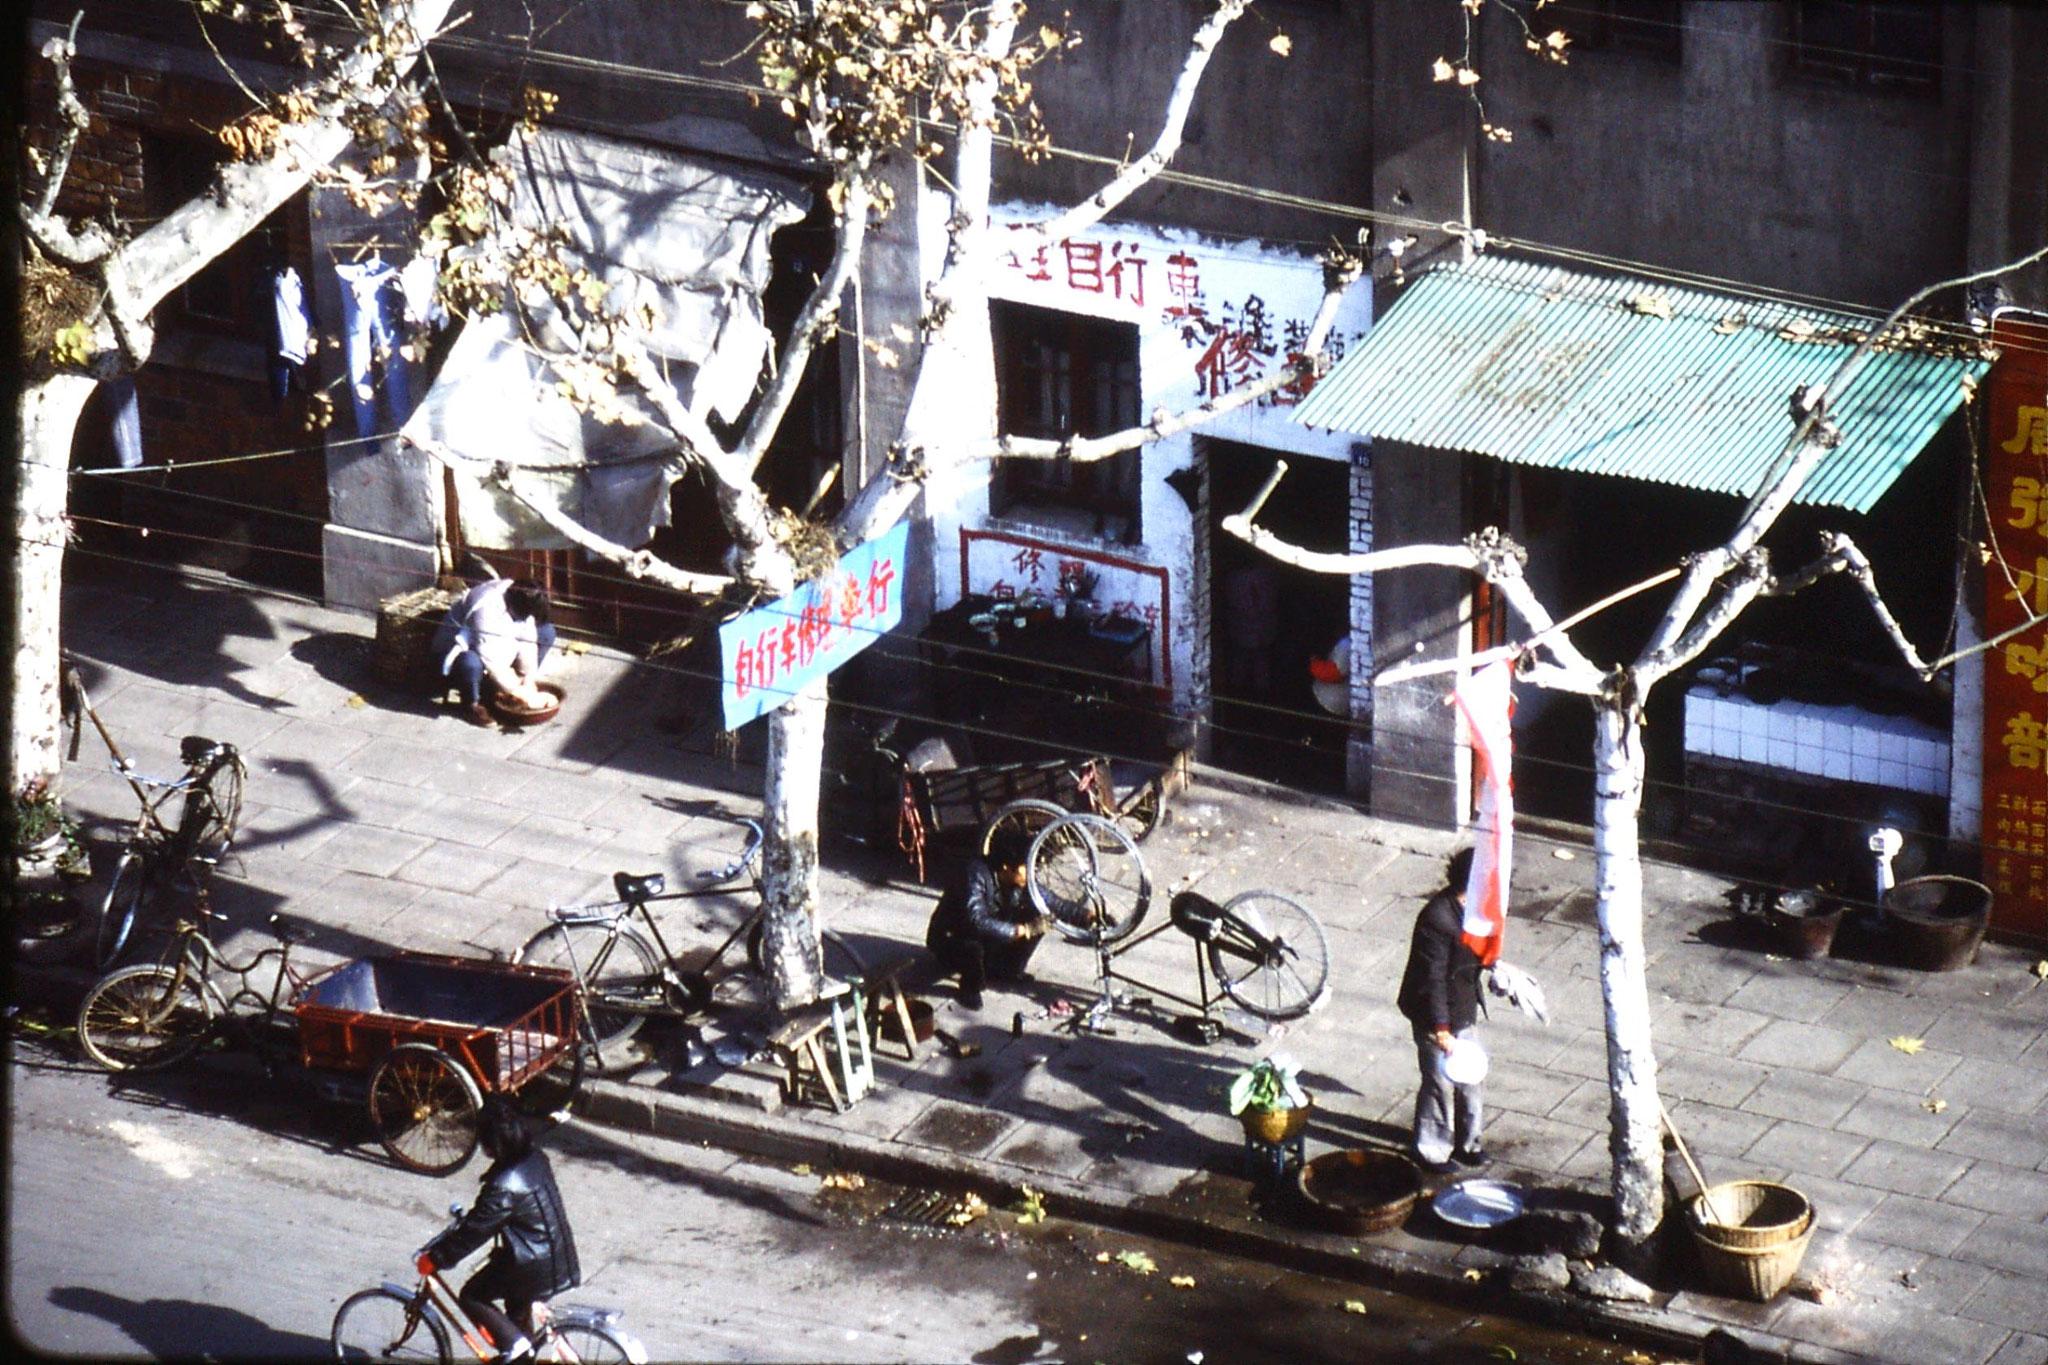 11/12/1988: 24: Nanjing bike repairer